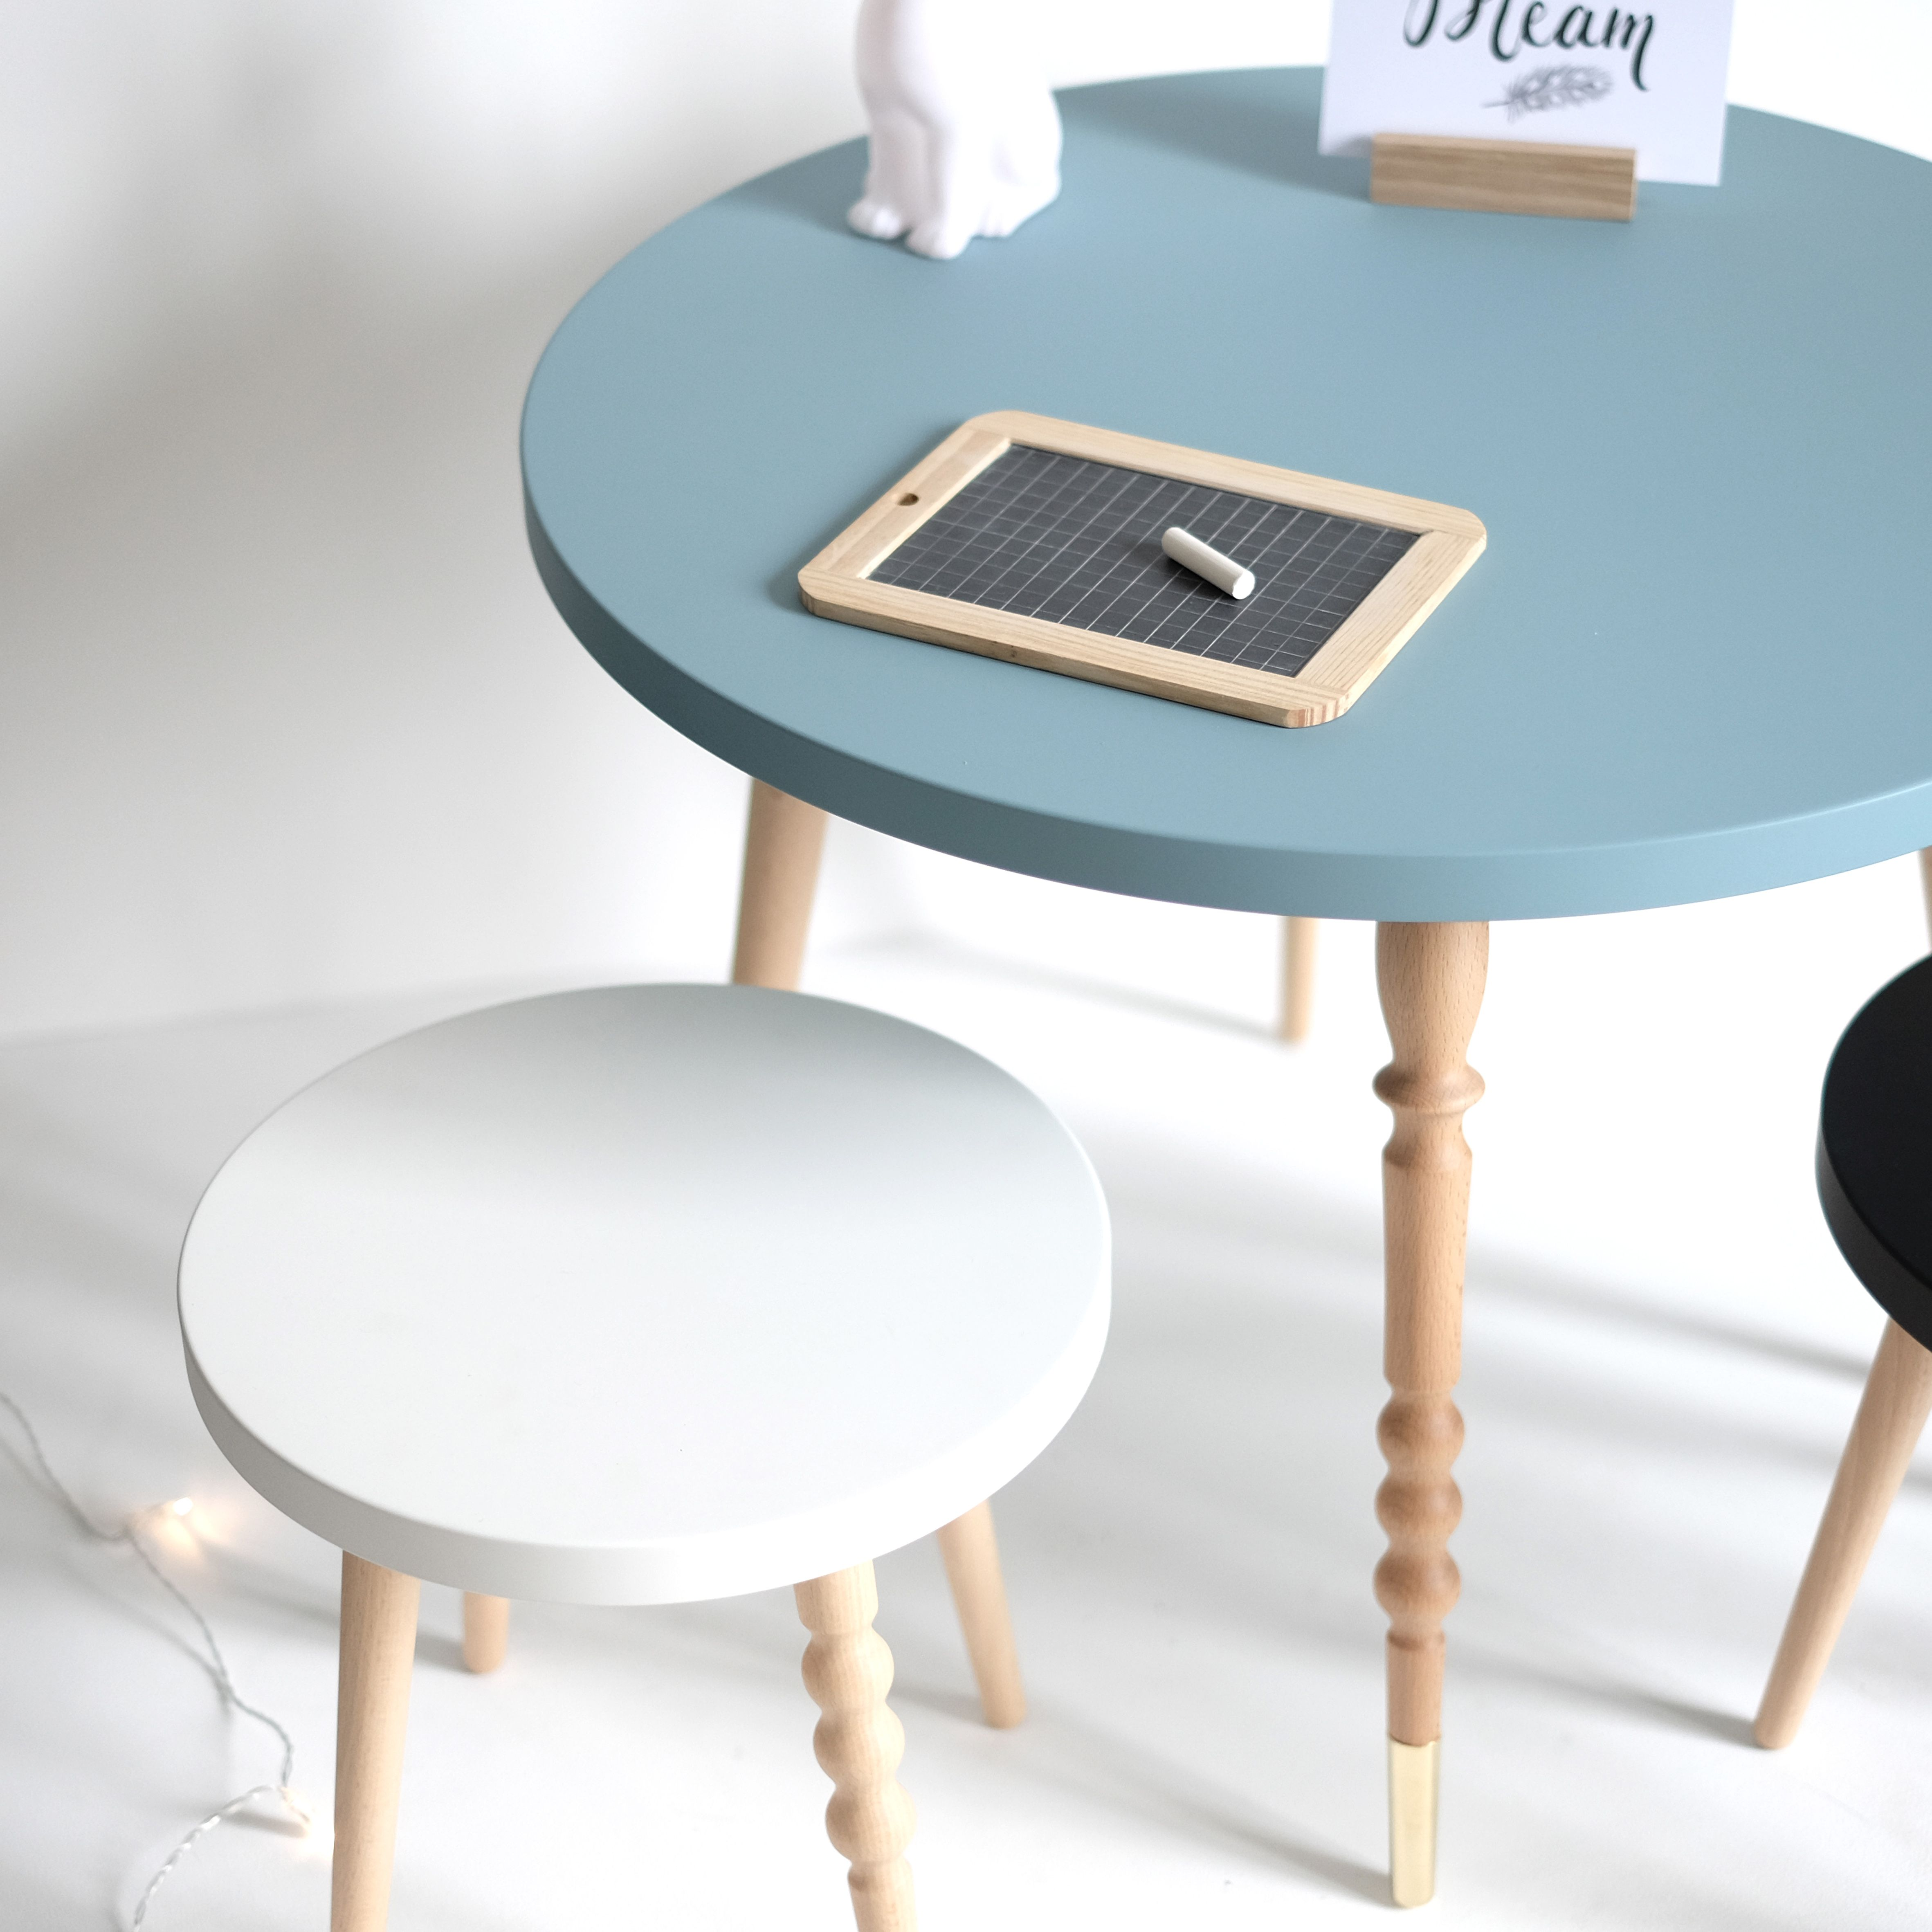 bureau enfant table basse en hetre coloris bleu avec tabouret pouvant servir de bureau ou de table pour jouer pour table enfant table basse table basse design